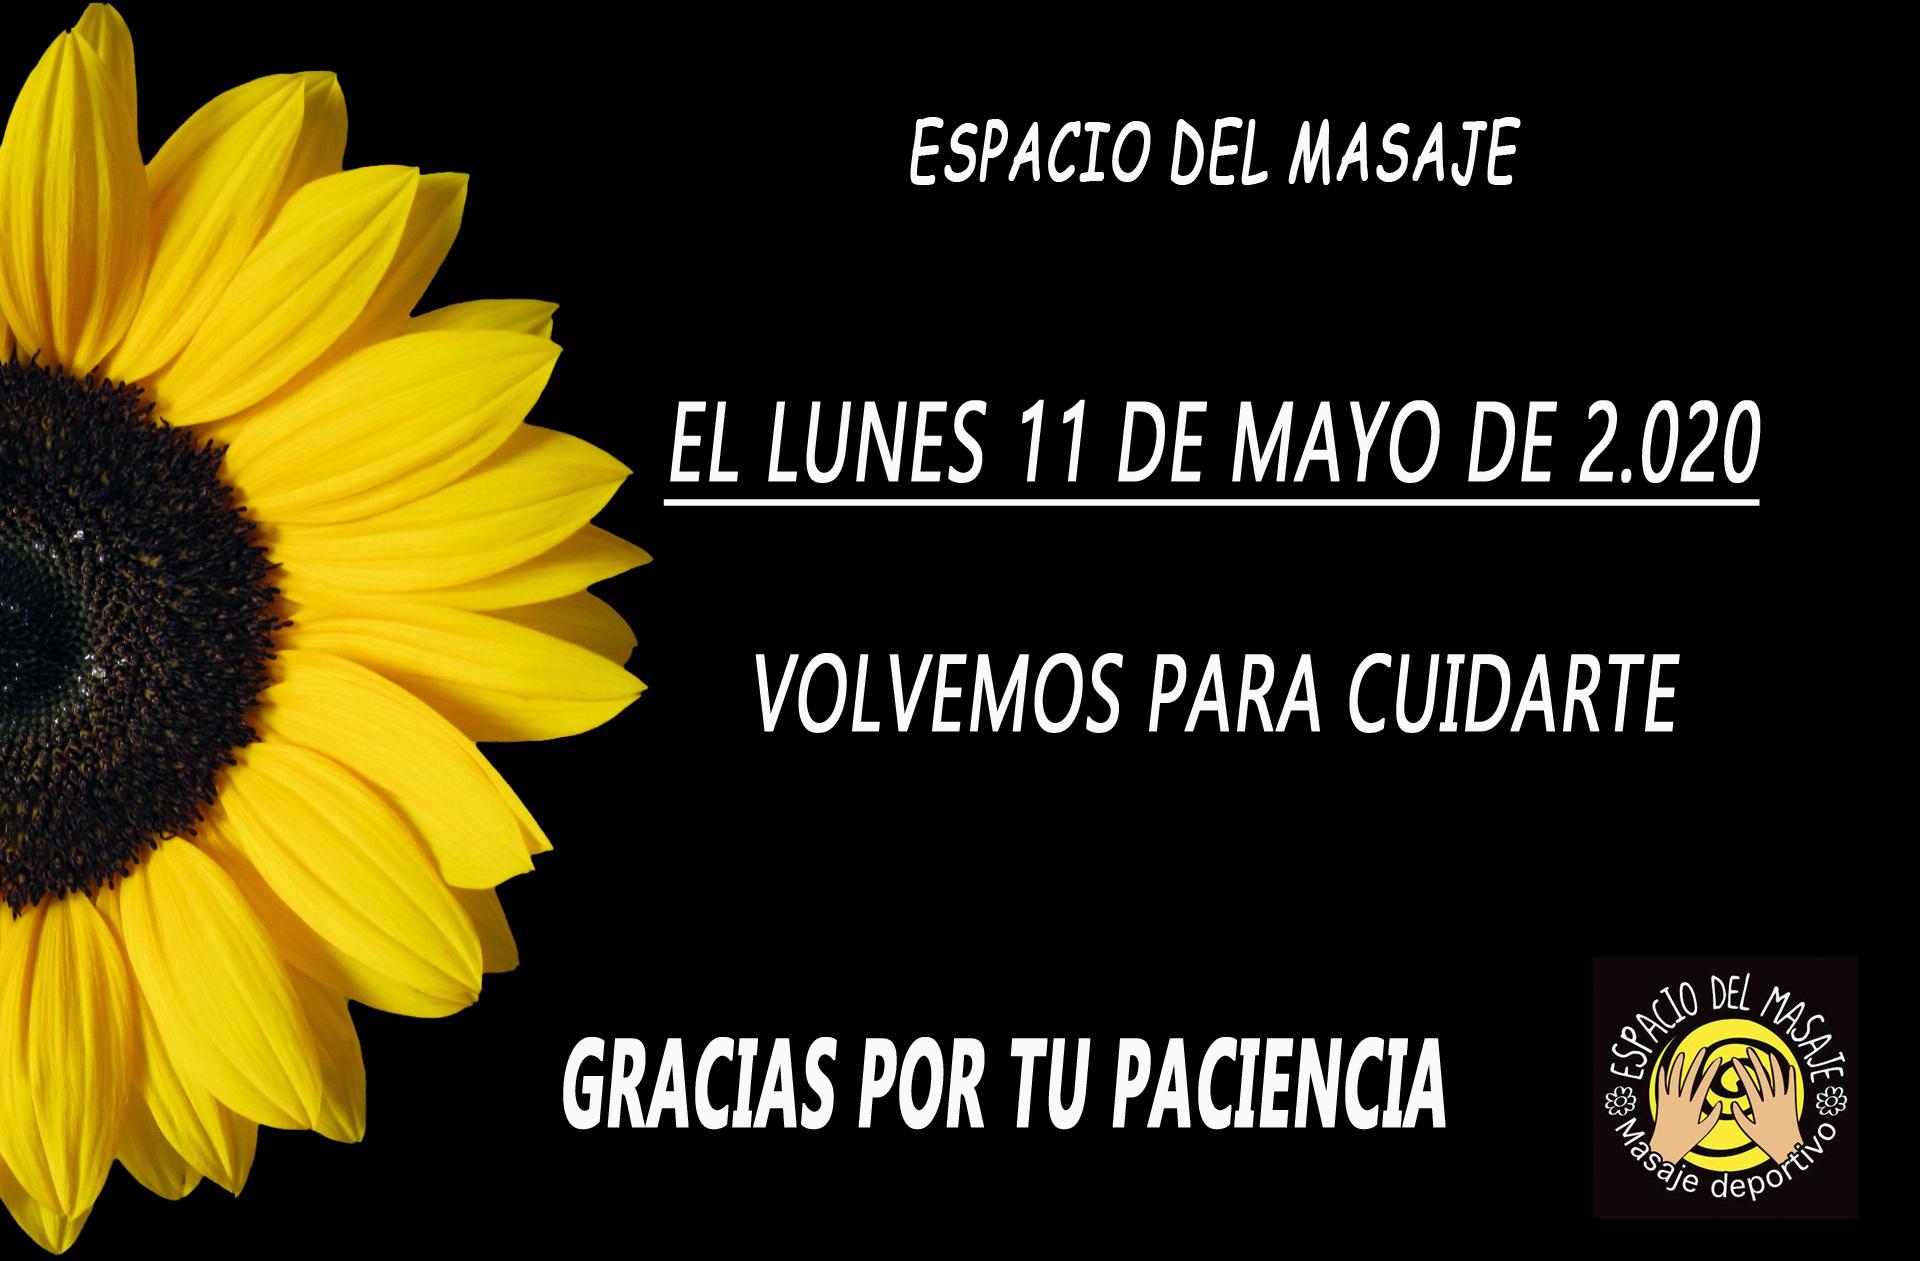 VOLVEMOS EL 11 DE MAYO